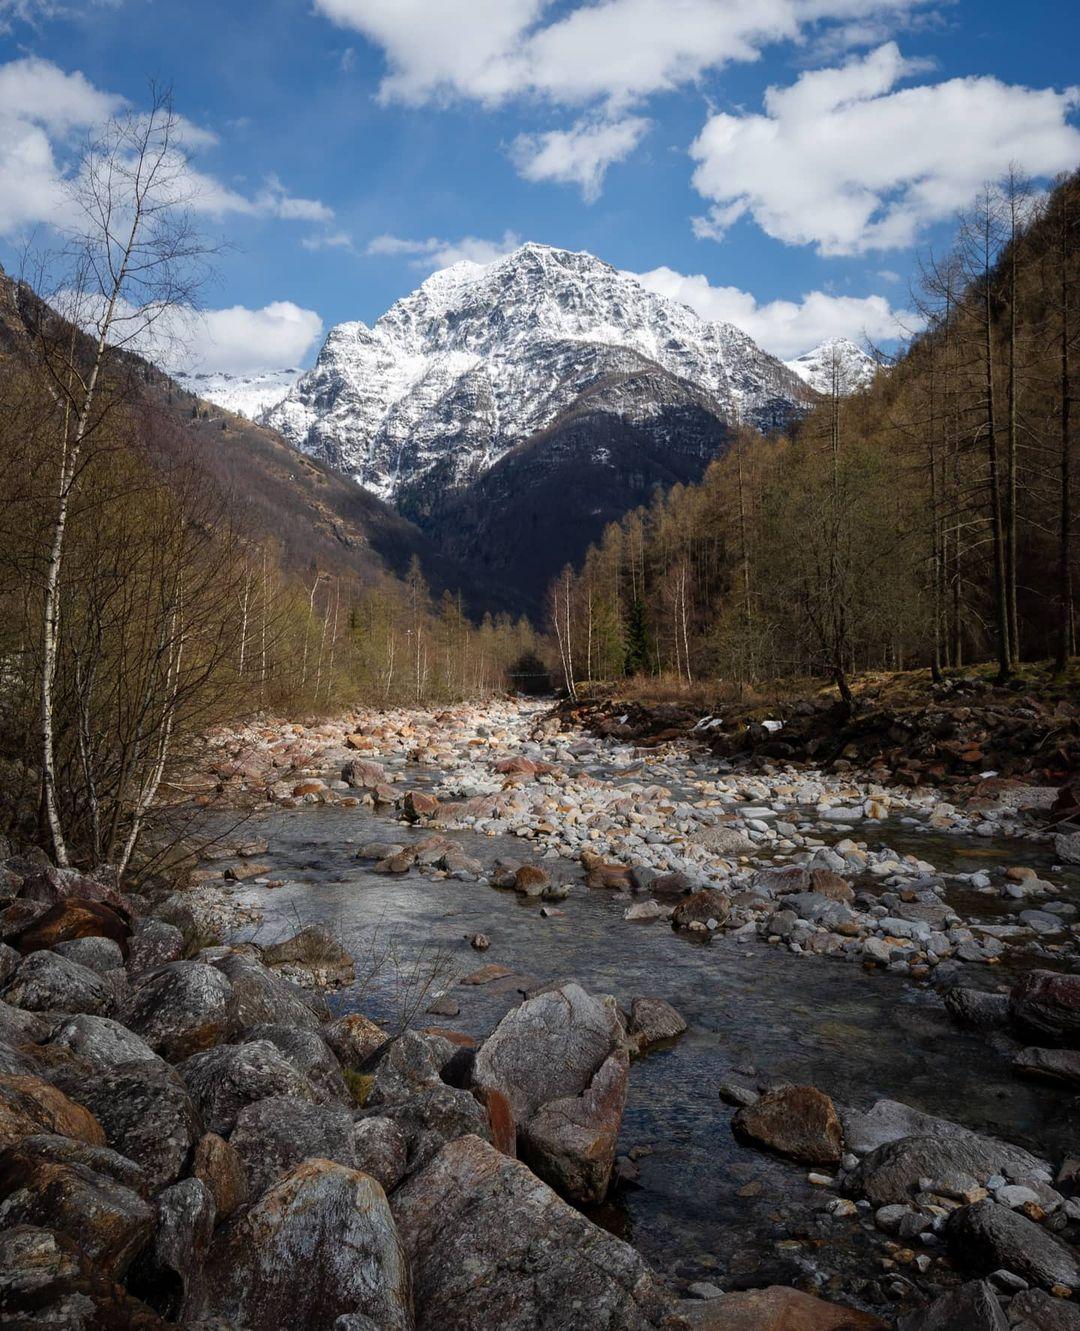 Природа и путешествия на снимках Тони Бутцманна